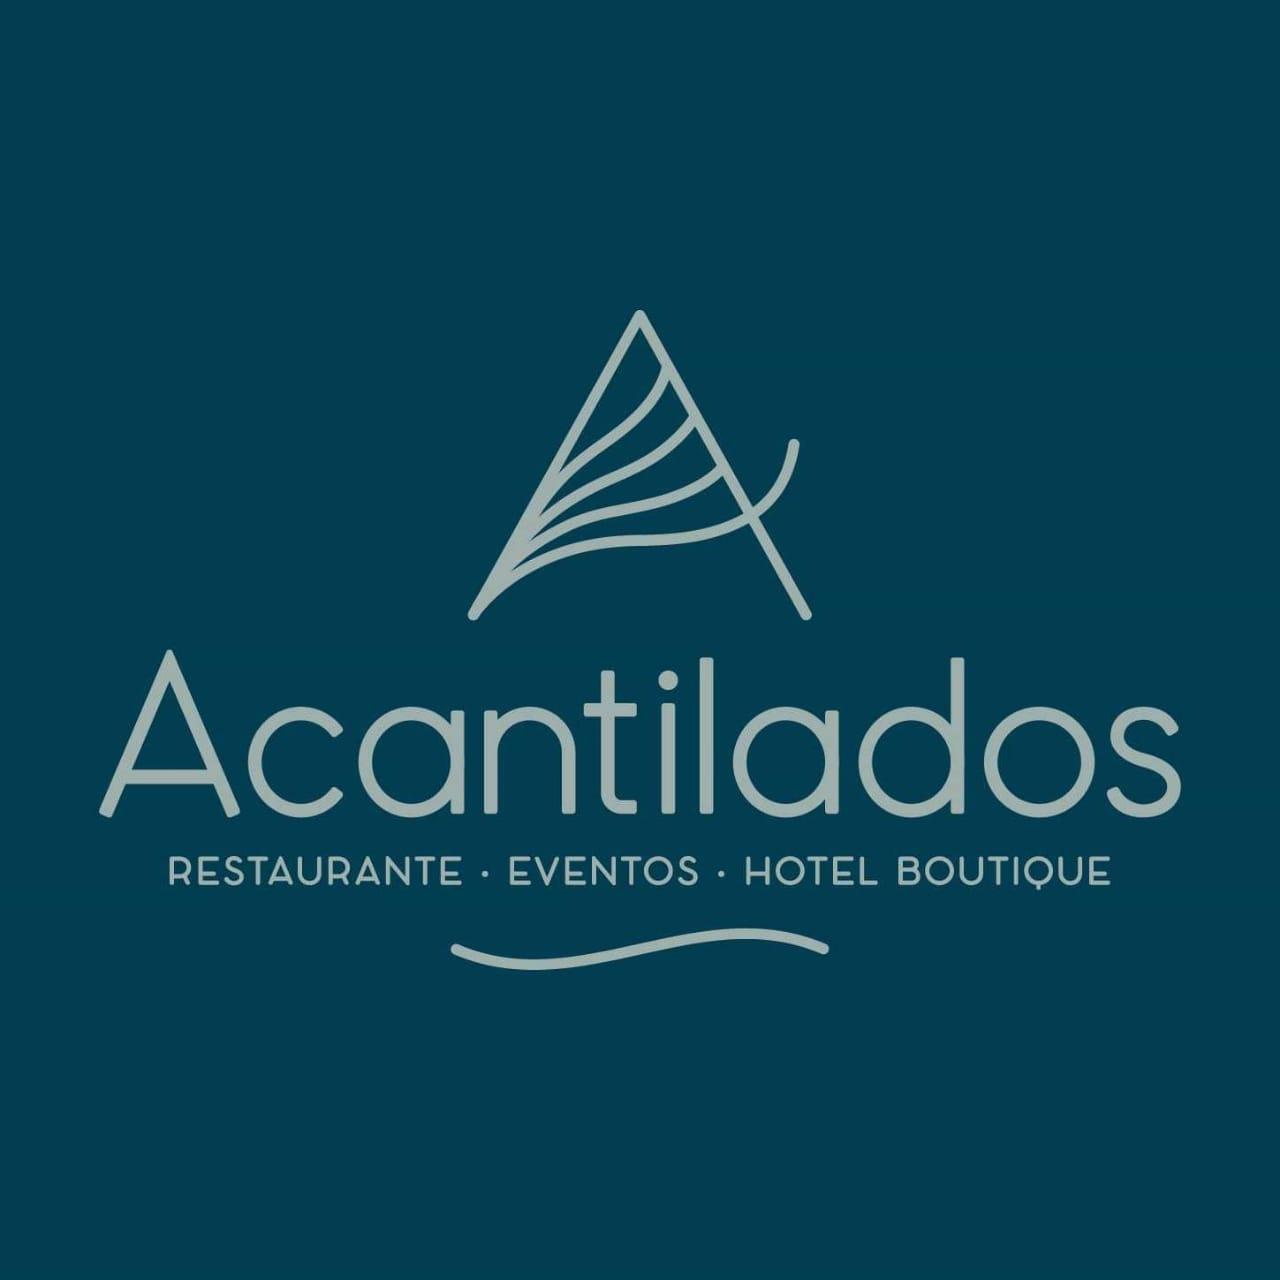 LOGO ACANTILADOS